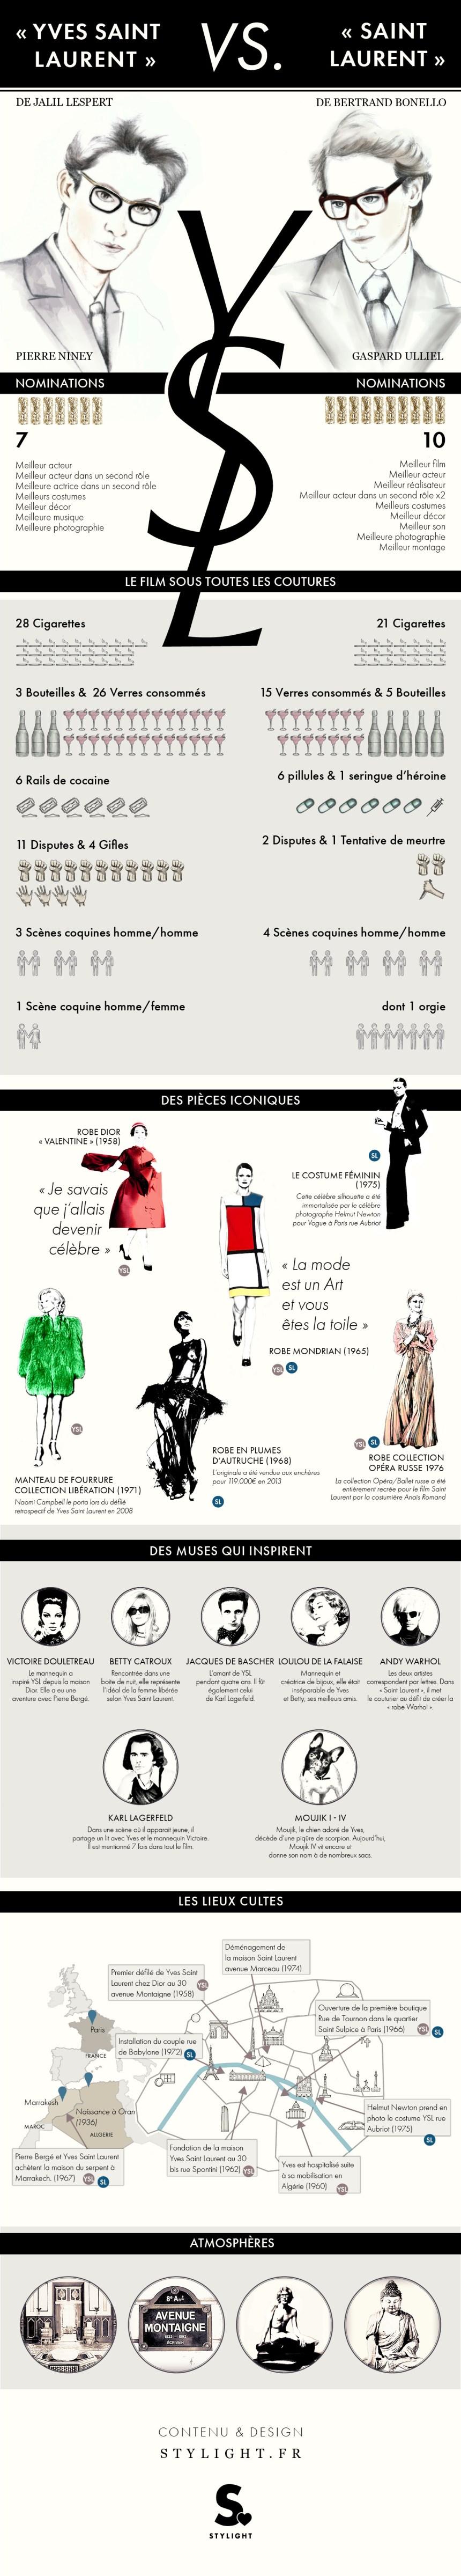 Infographie: les films Yves Saint Laurent vs Saint Laurent